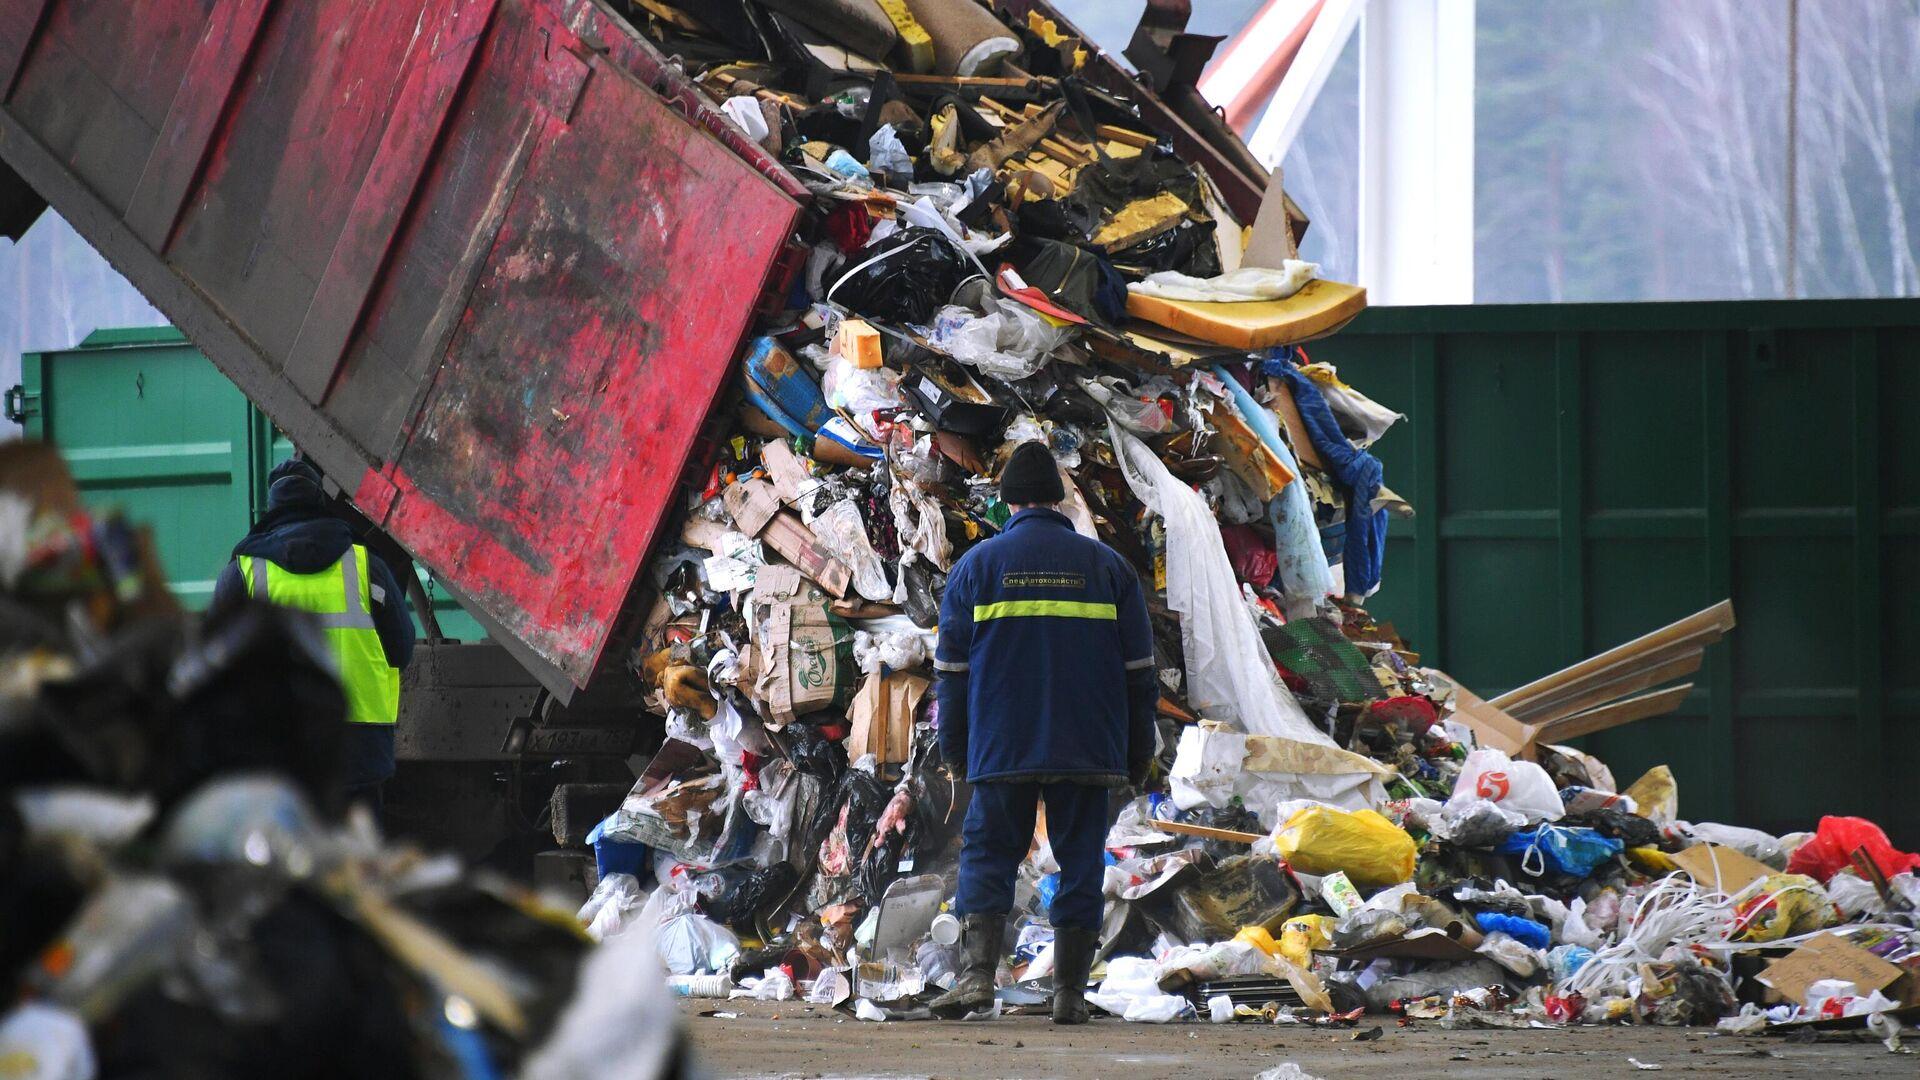 Разгрузка мусоровоза на предприятии по переработке отходов в Подмосковье - РИА Новости, 1920, 20.10.2020